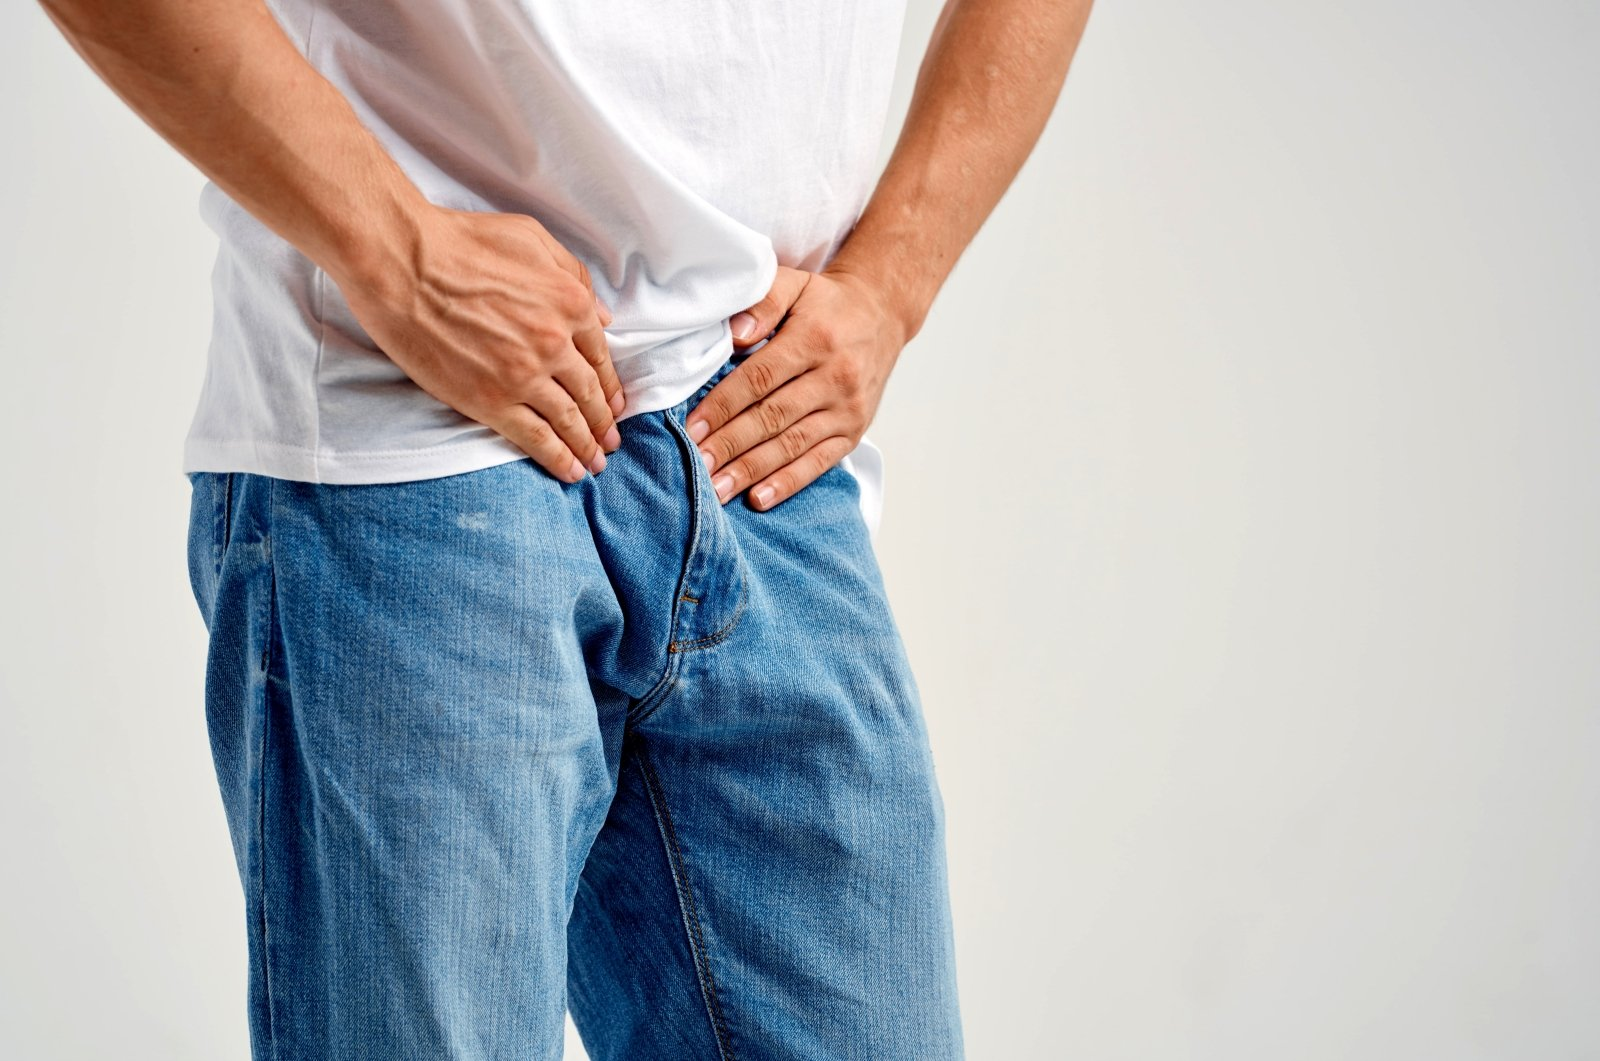 gydymas prostatitu ir erekcijos stoka)